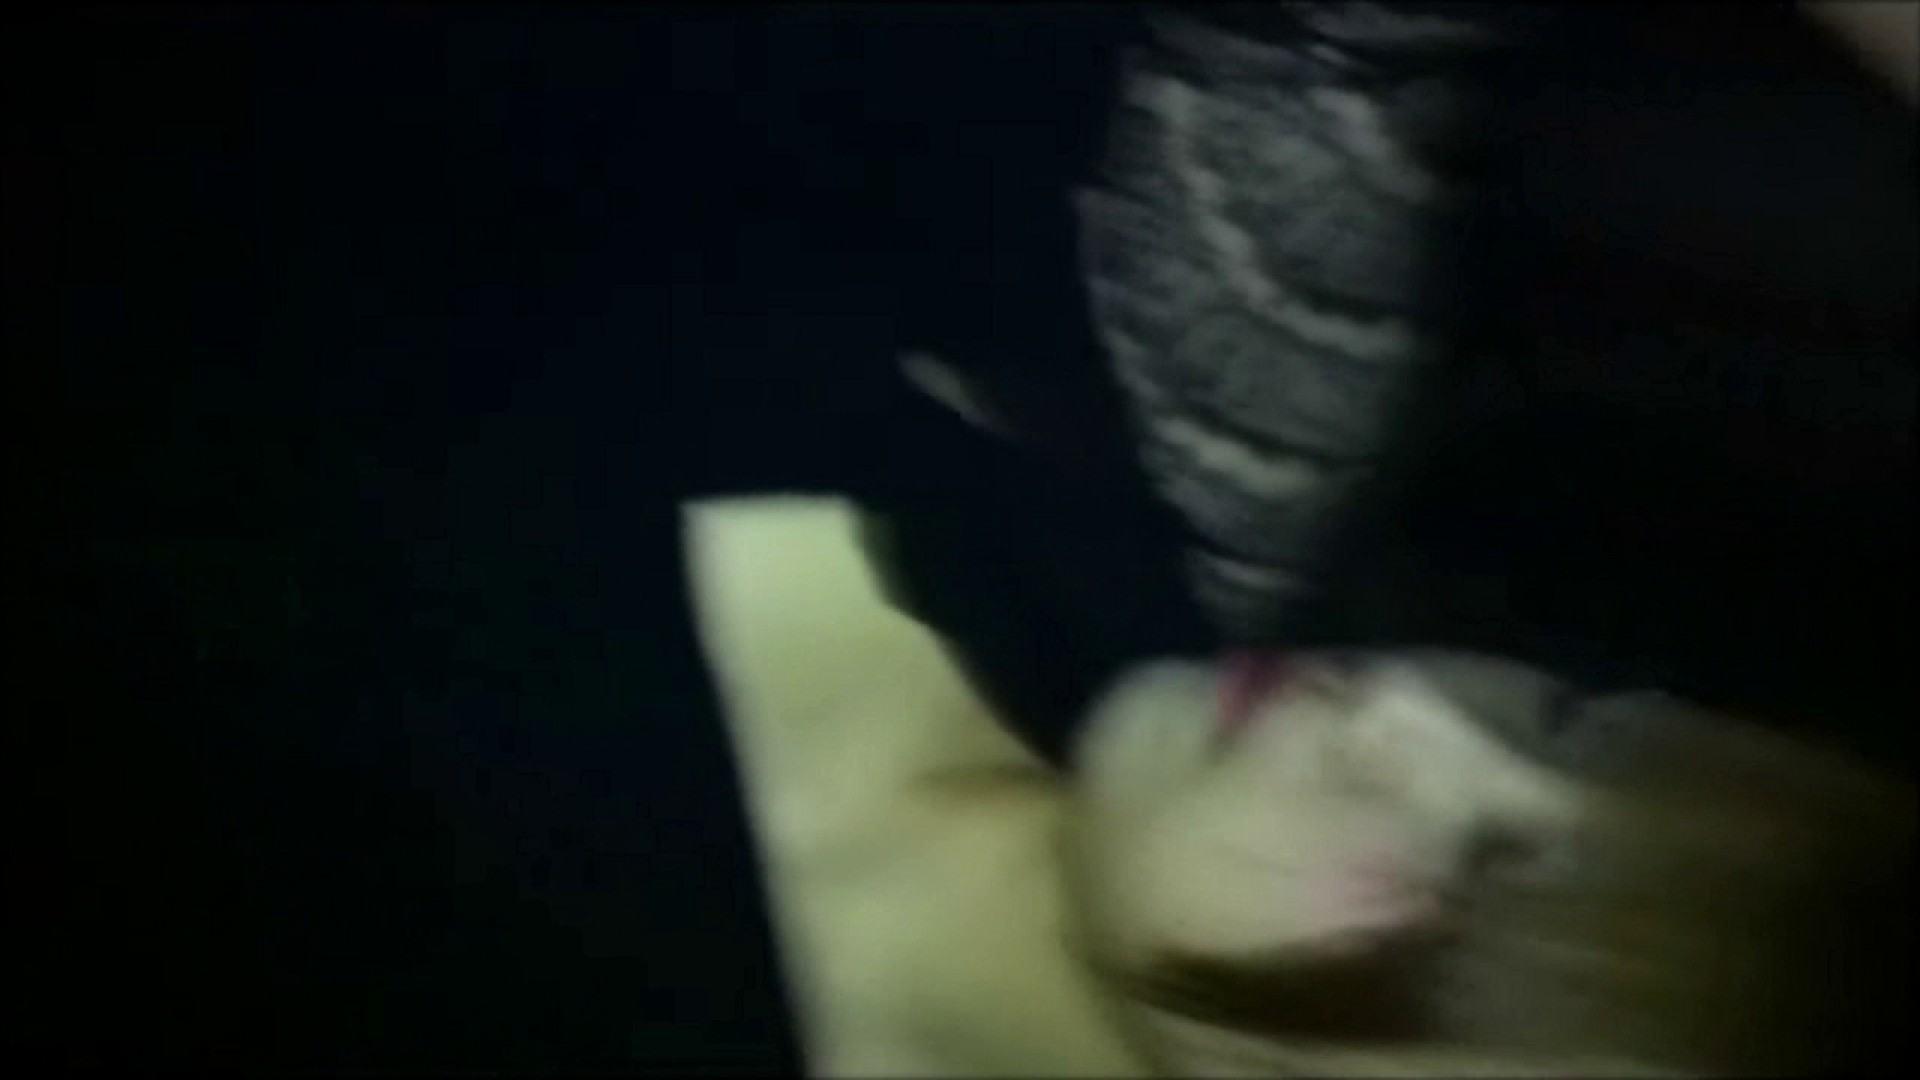 魔術師の お・も・て・な・し vol.05 21歳 美乳にイタズラ OLヌード天国 | 美乳  90PIX 3